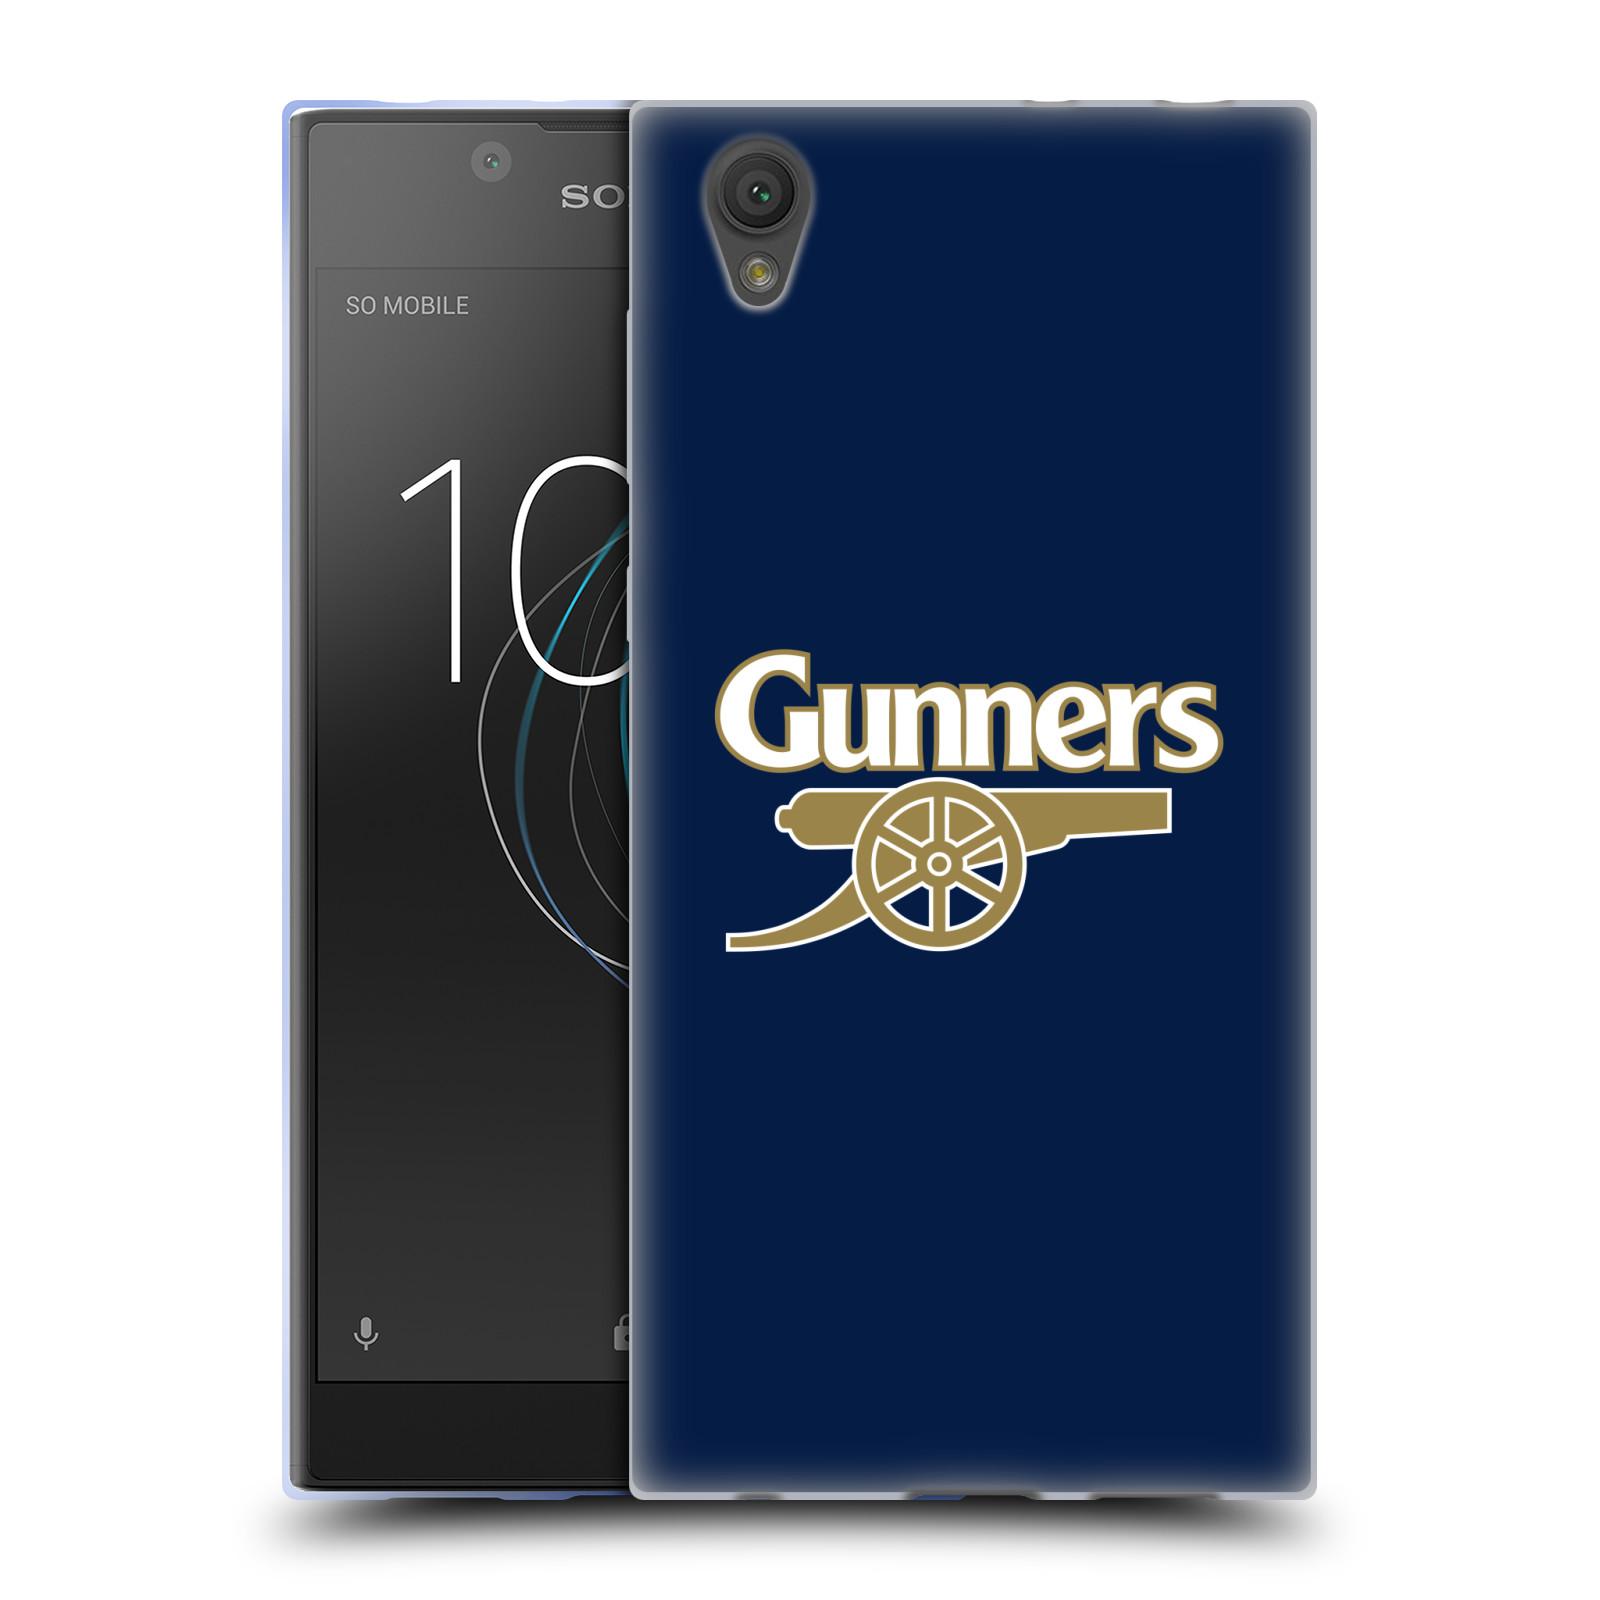 Silikonové pouzdro na mobil Sony Xperia L1 - Head Case - Arsenal FC - Gunners